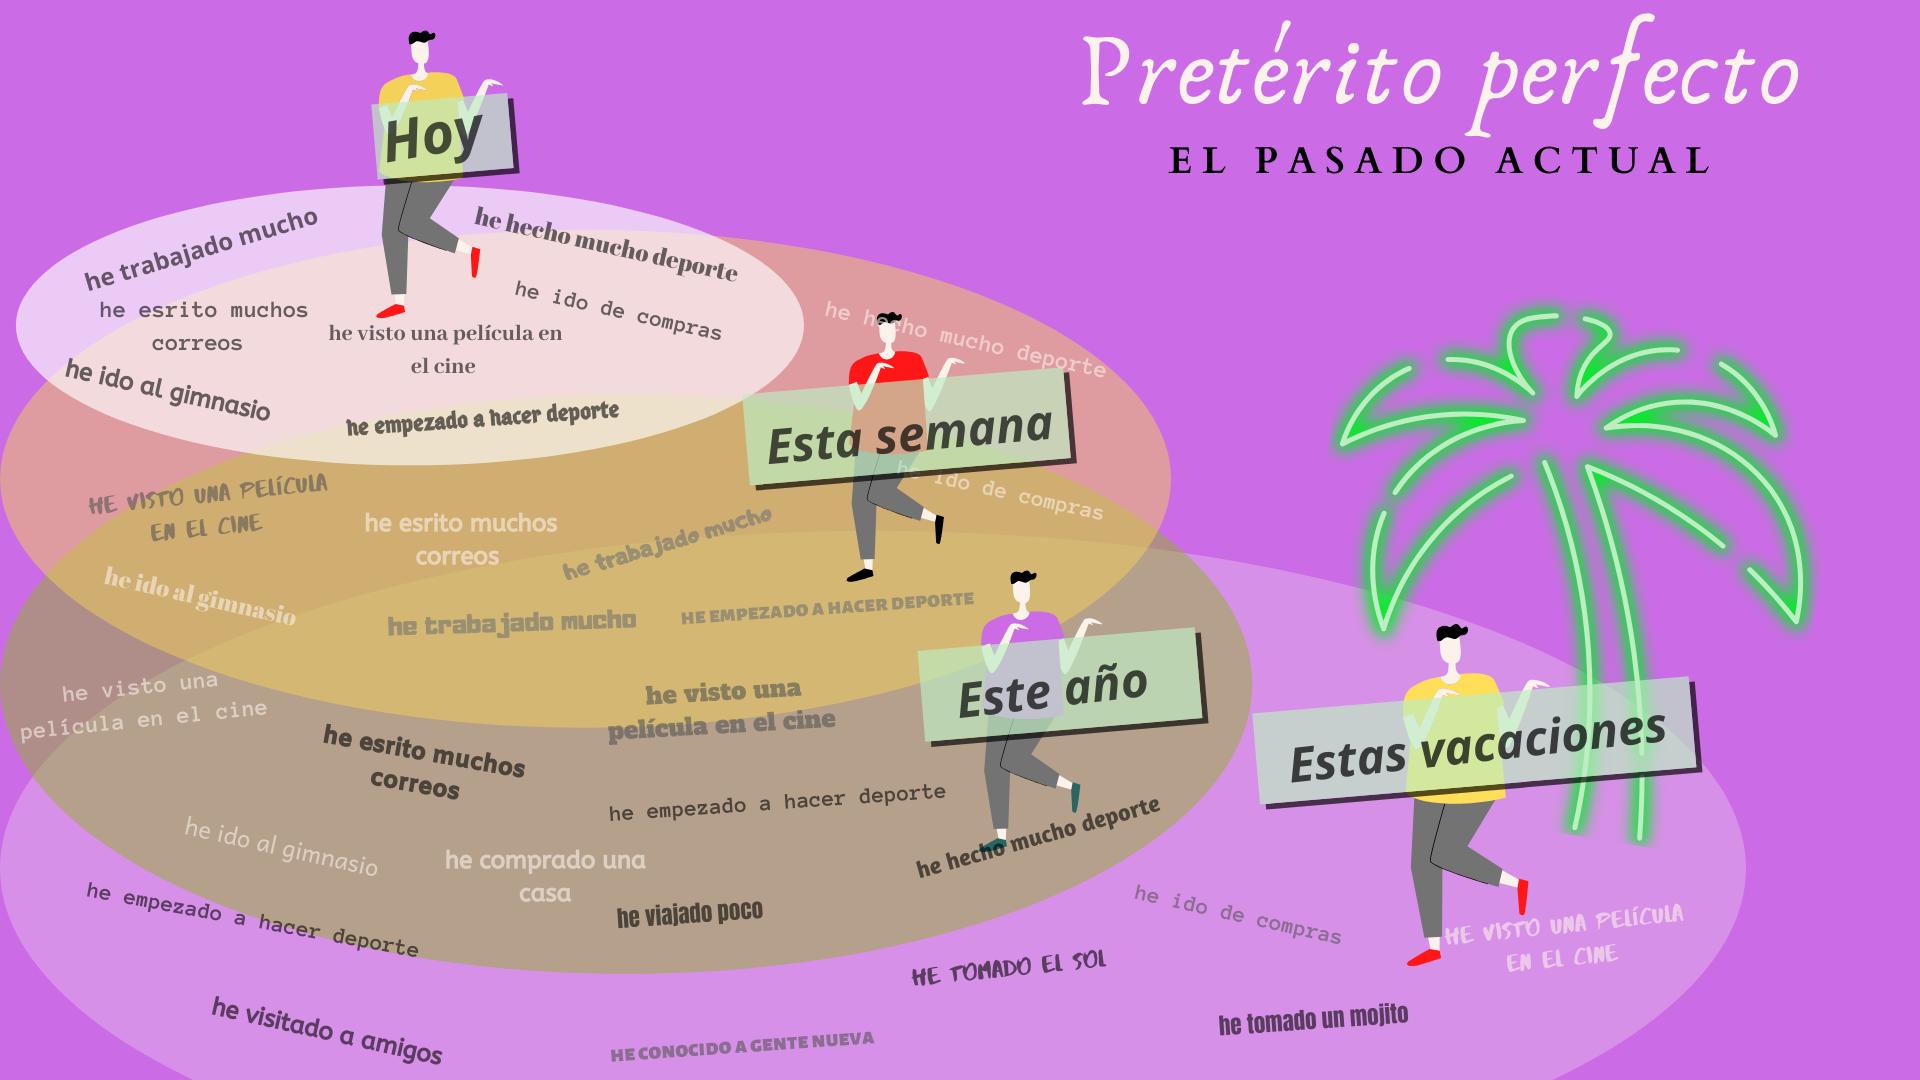 el pretérito perfecto-el pasado actual